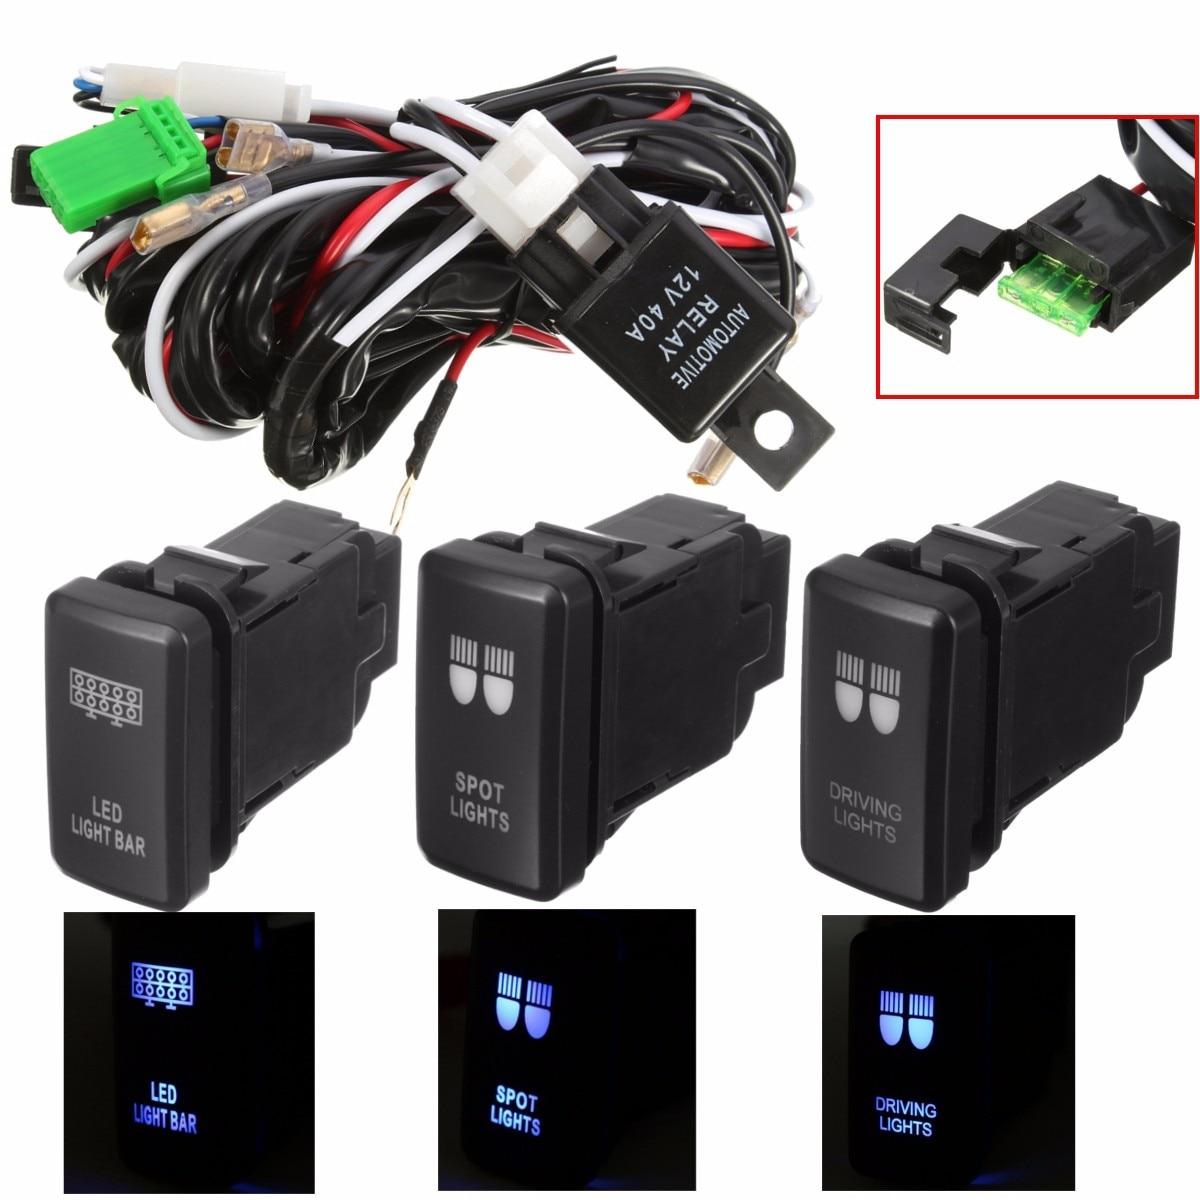 ᐂblue dc 12v 40a led driving spot light bar wiring loom harness blue dc 12v 40a led driving spot light bar wiring loom harness relay switch for toyota fj cruise